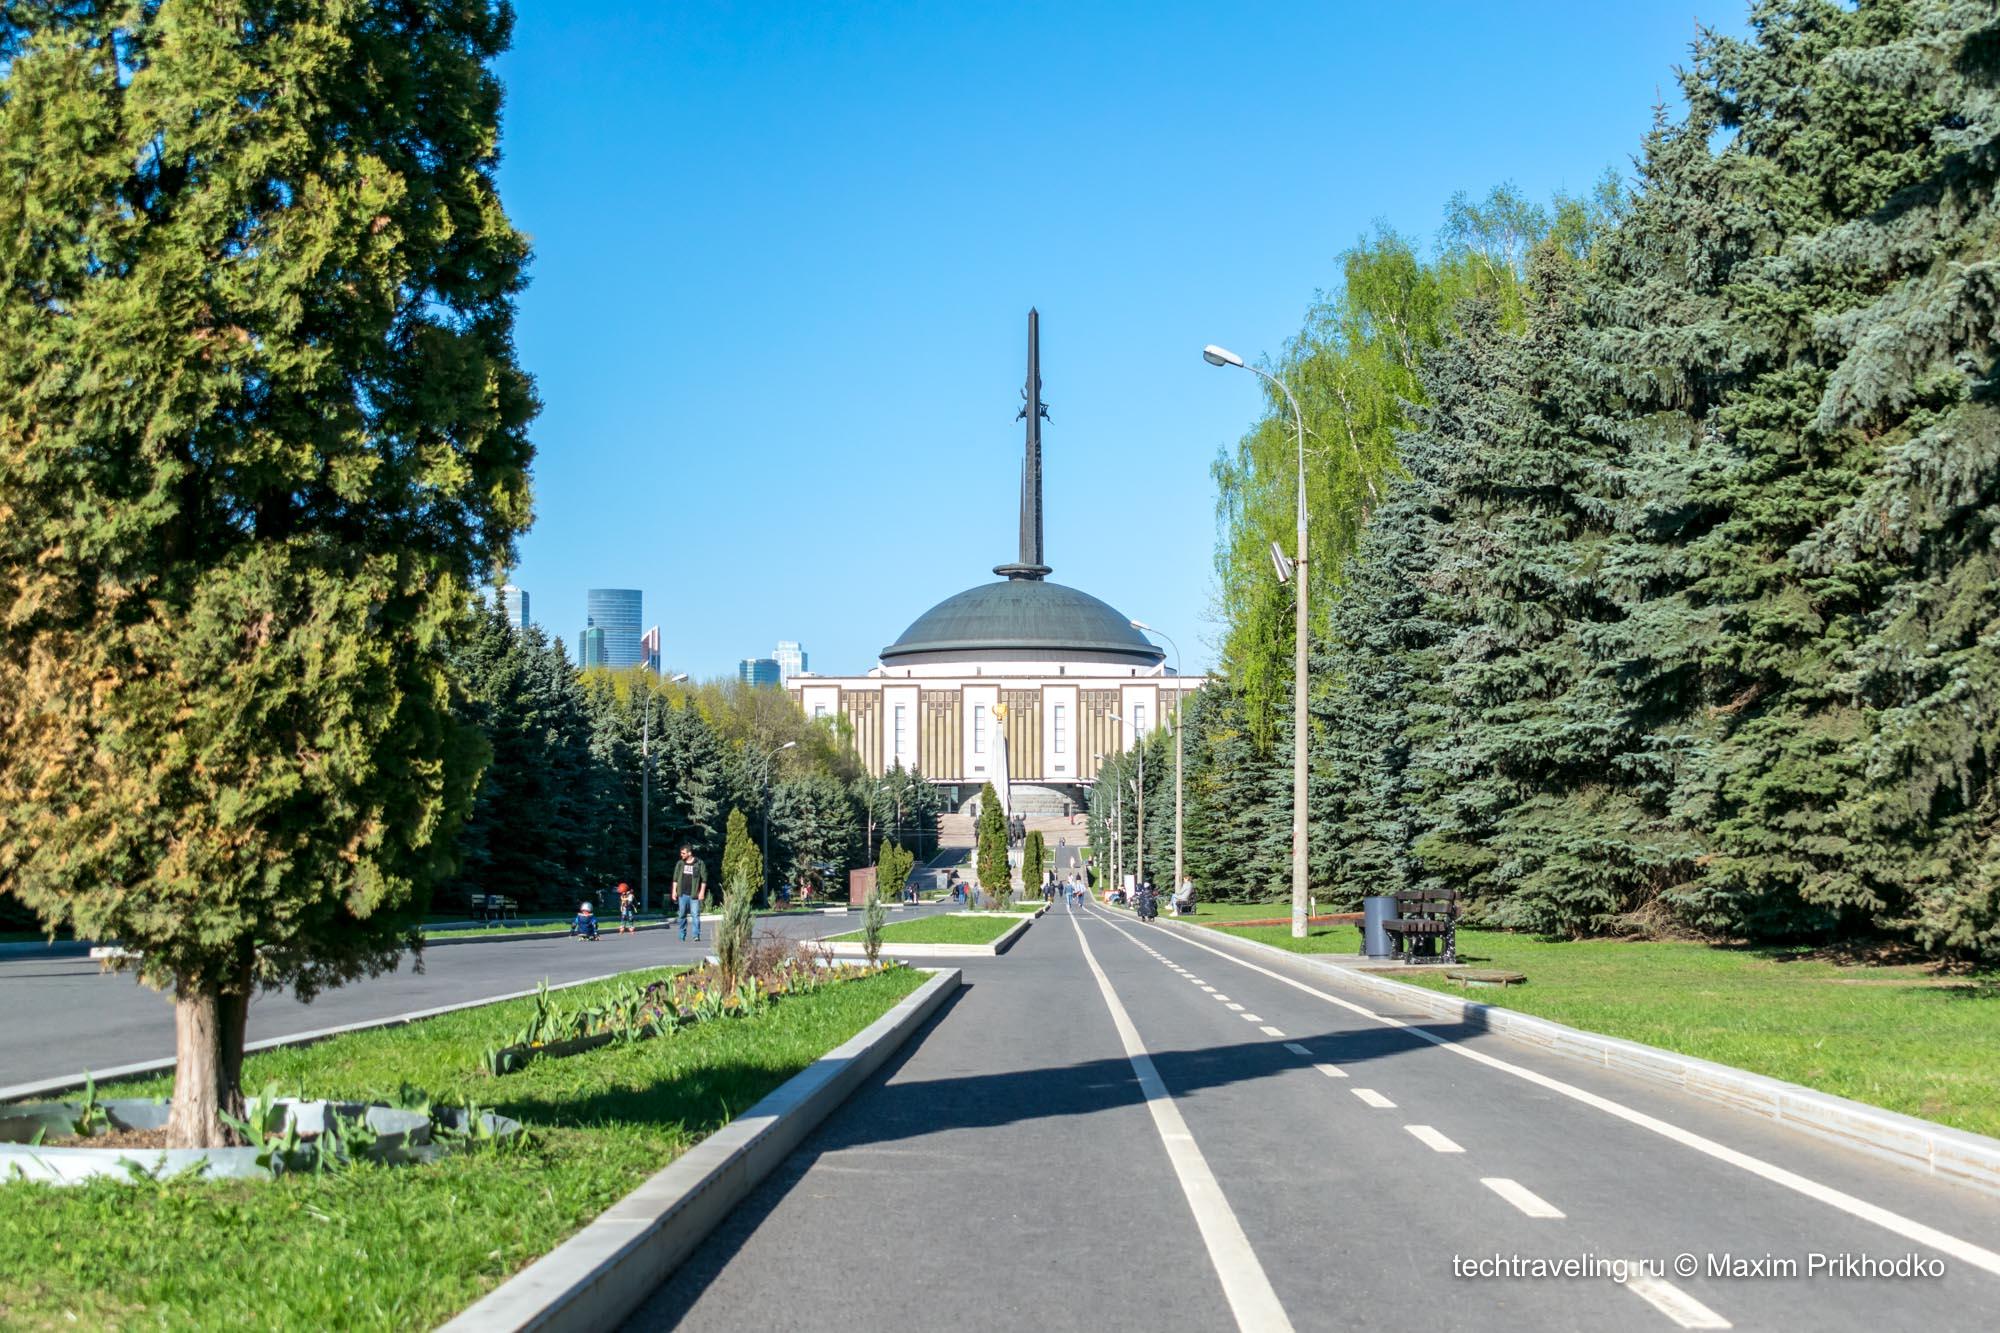 Музей «Парк Победы» на Поклонной Горе, Москва